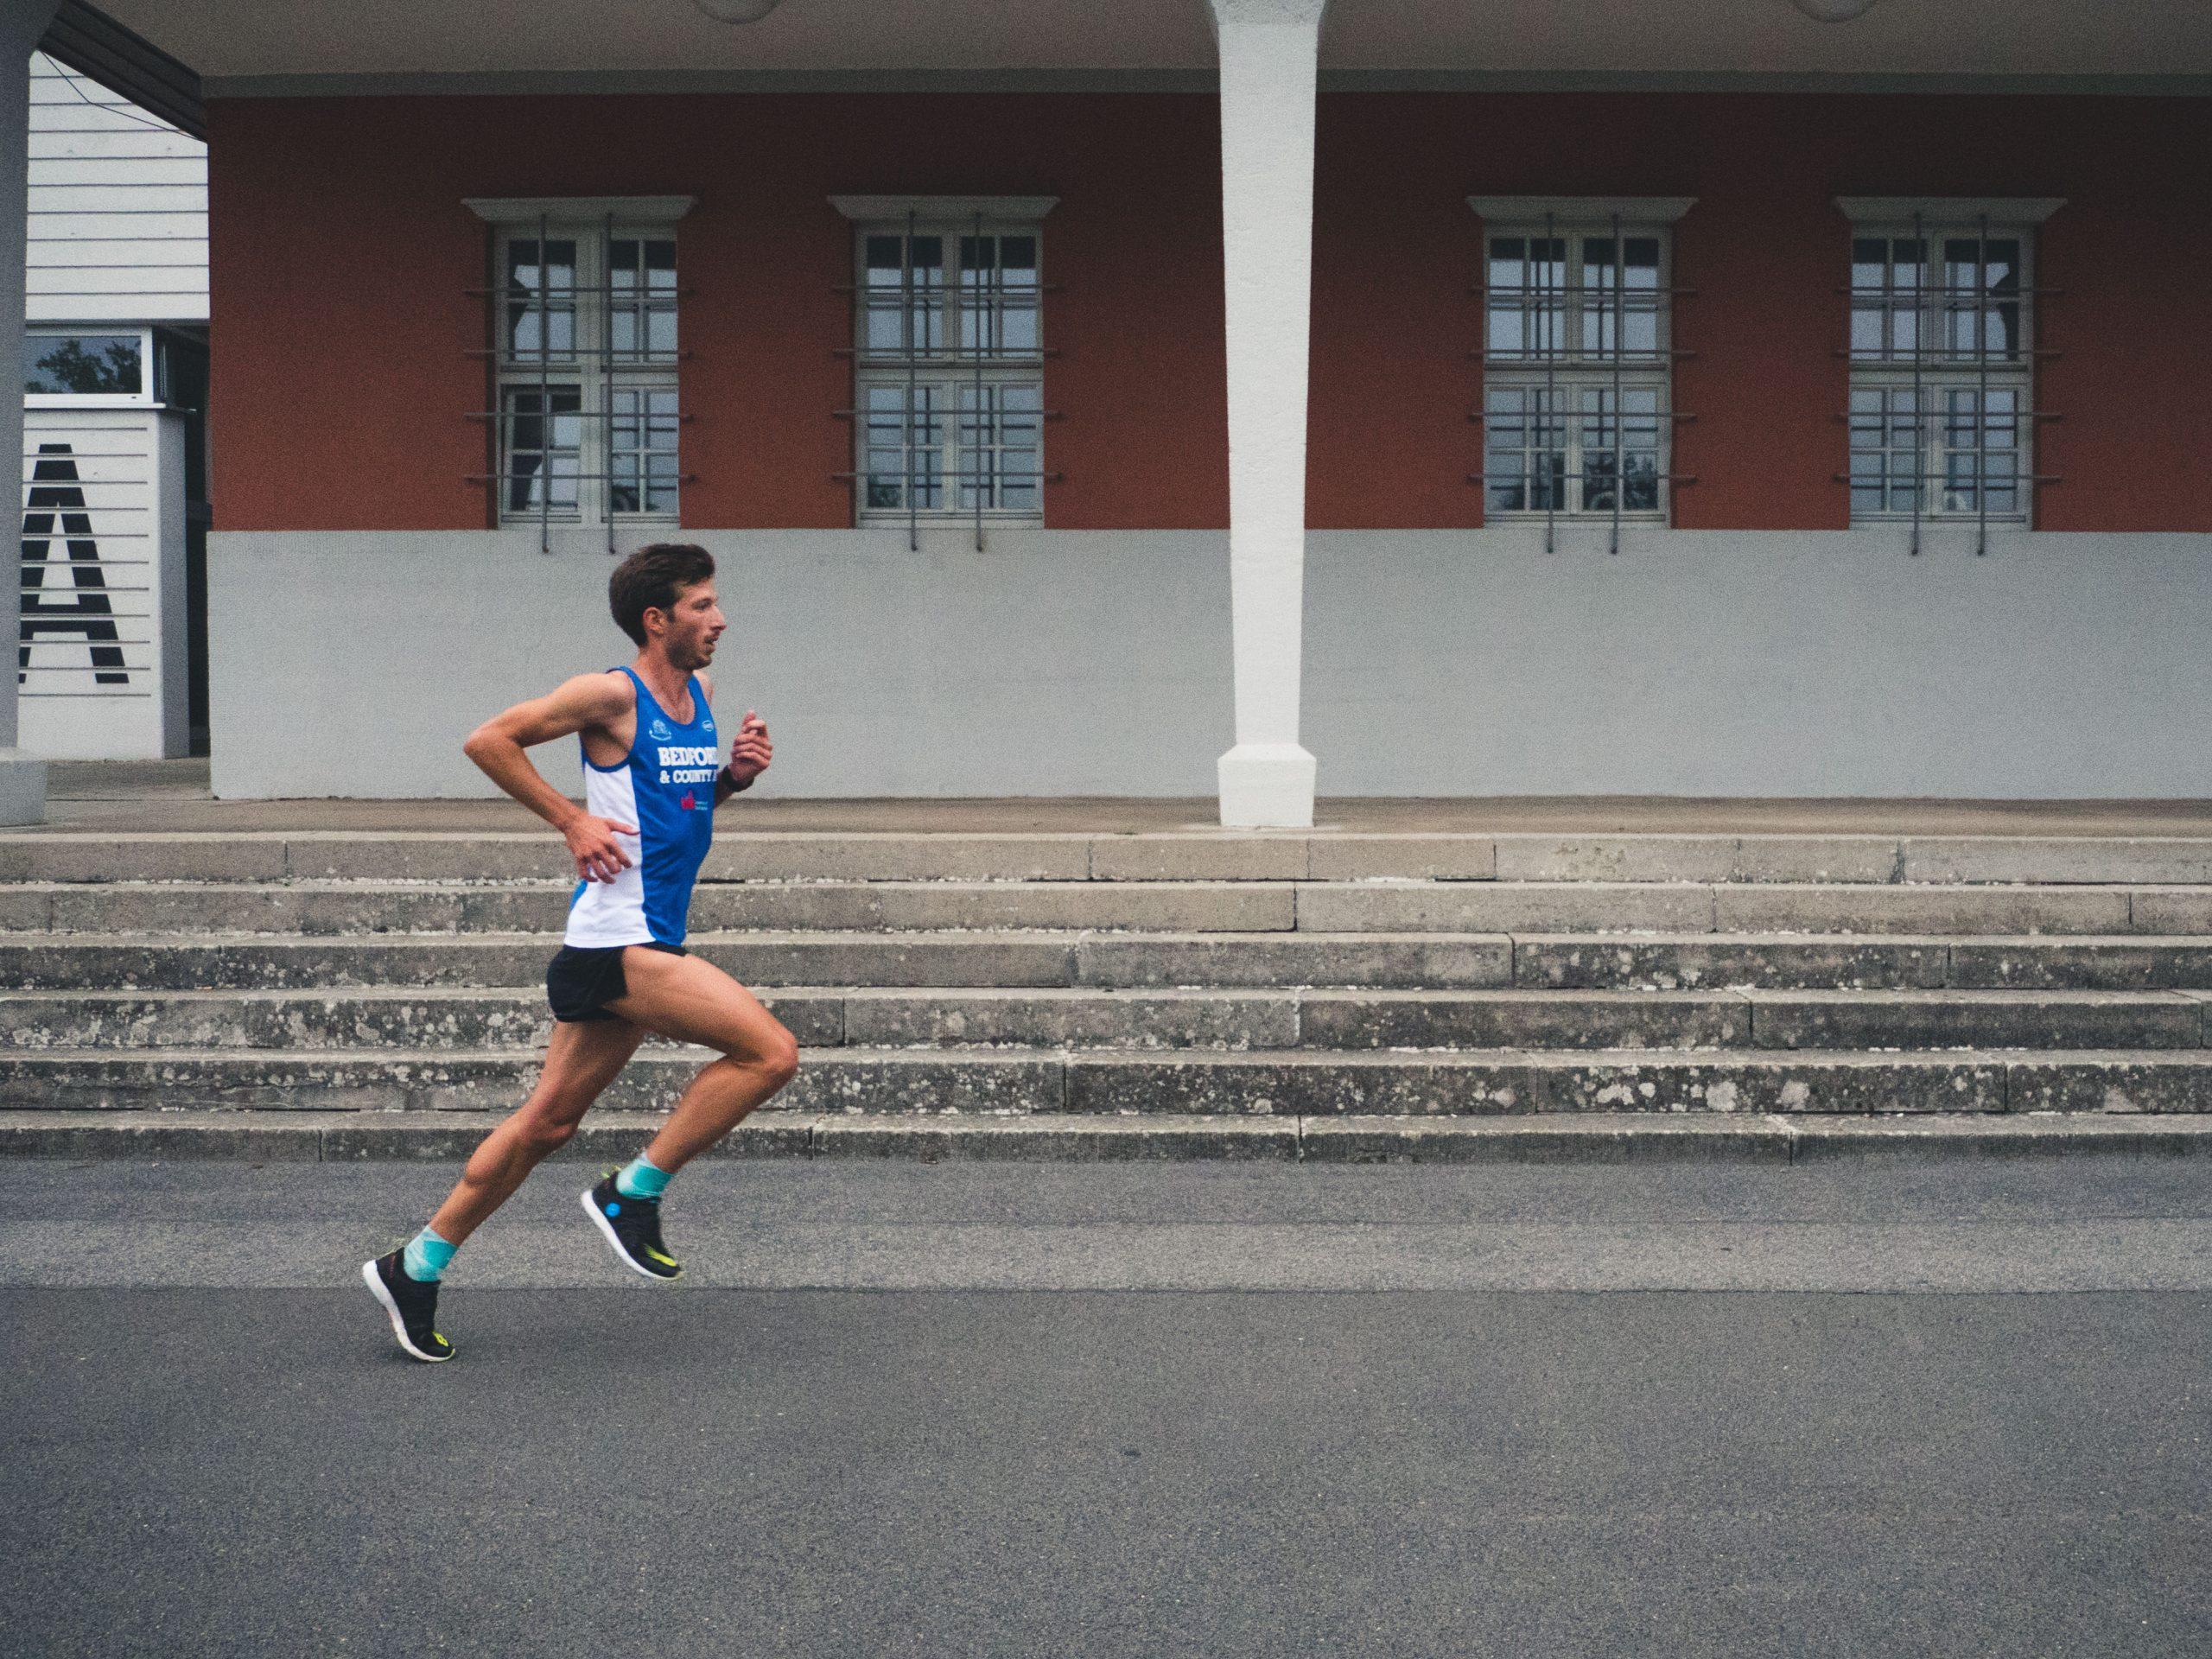 Felix Hentschel der richtige Armschwung hilft schneller zu laufen